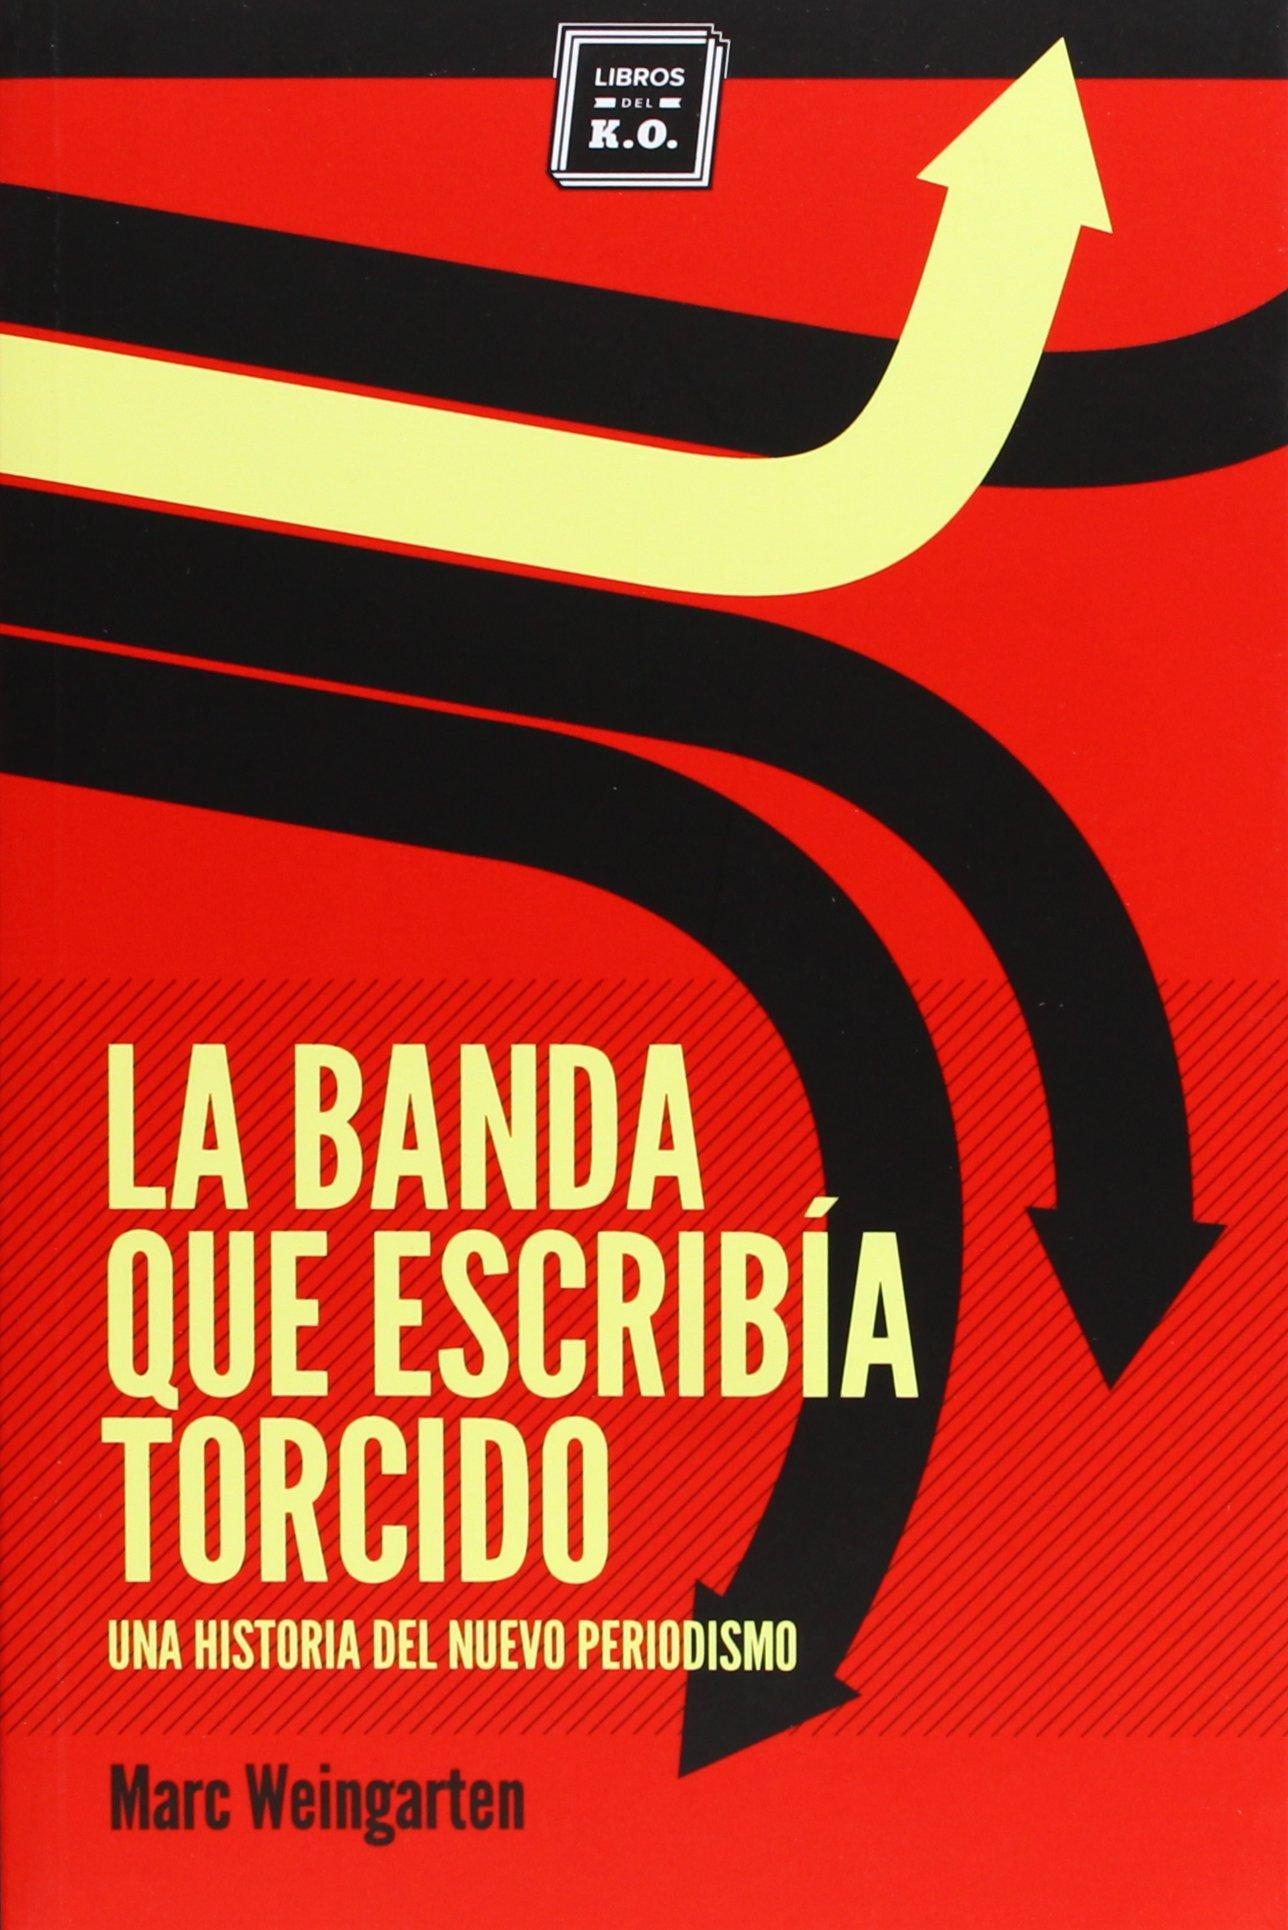 La Banda Que Escribía Torcido. Una Historia Del Nuevo Periodismo VARIOS: Amazon.es: Weingarten, Marc, Marchand, Stephen: Libros